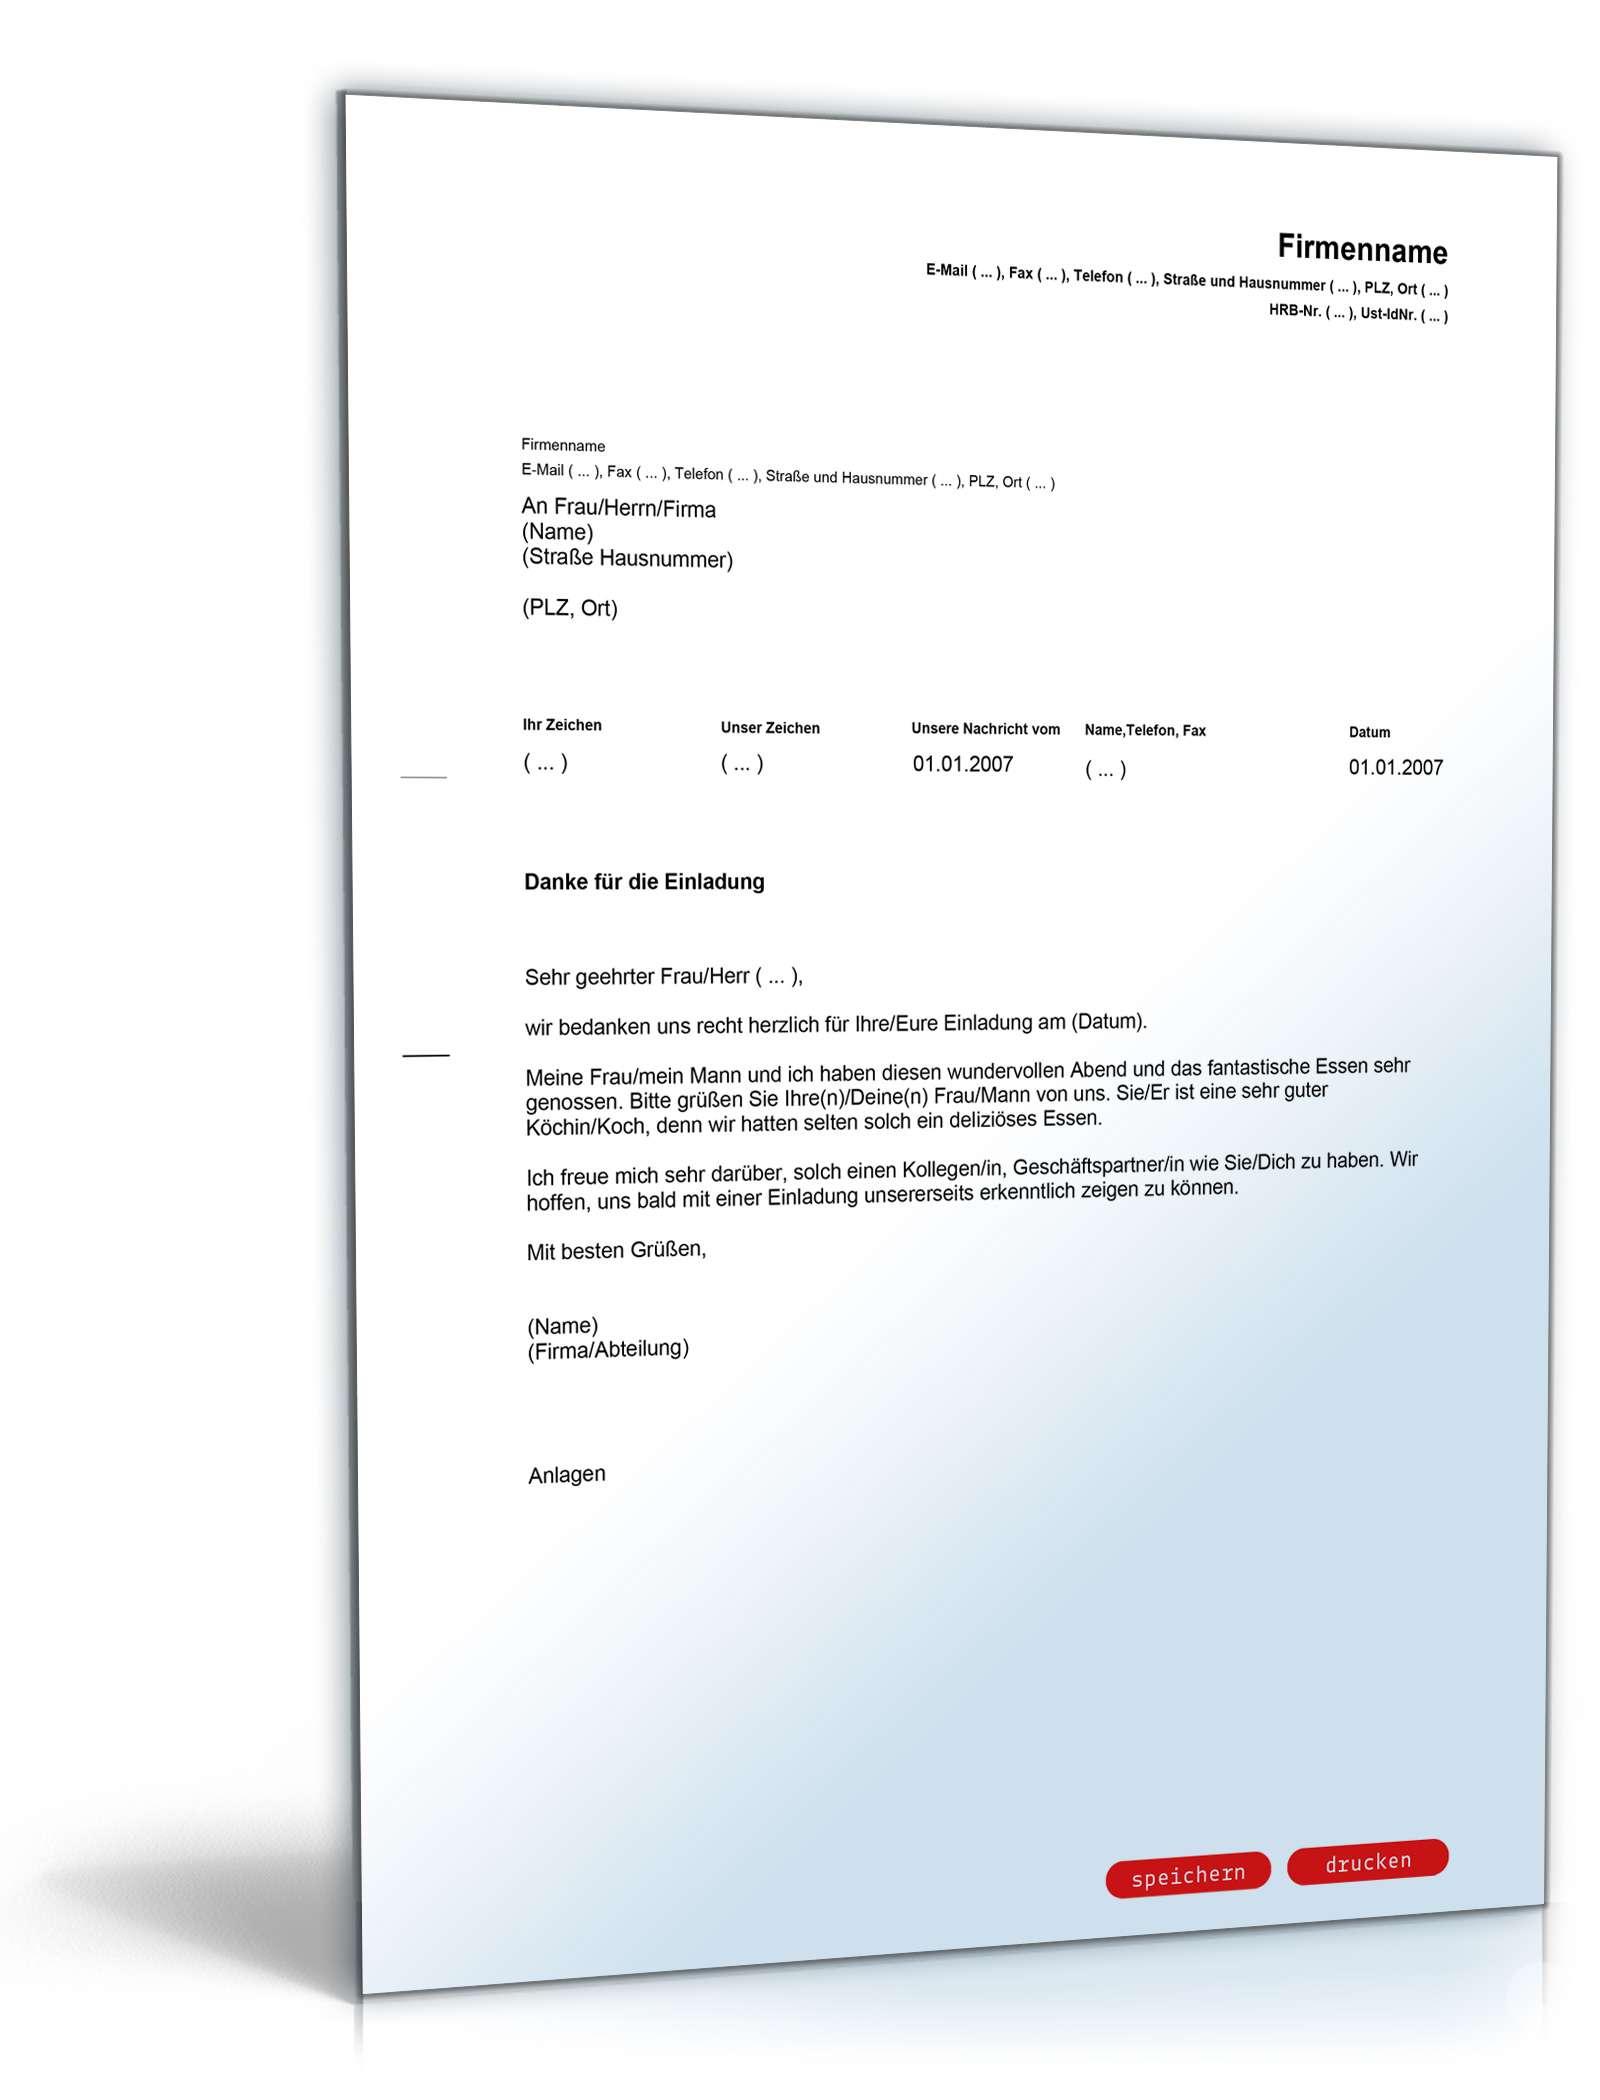 pdf seite 2 - Dankschreiben Nach Vorstellungsgesprach Muster